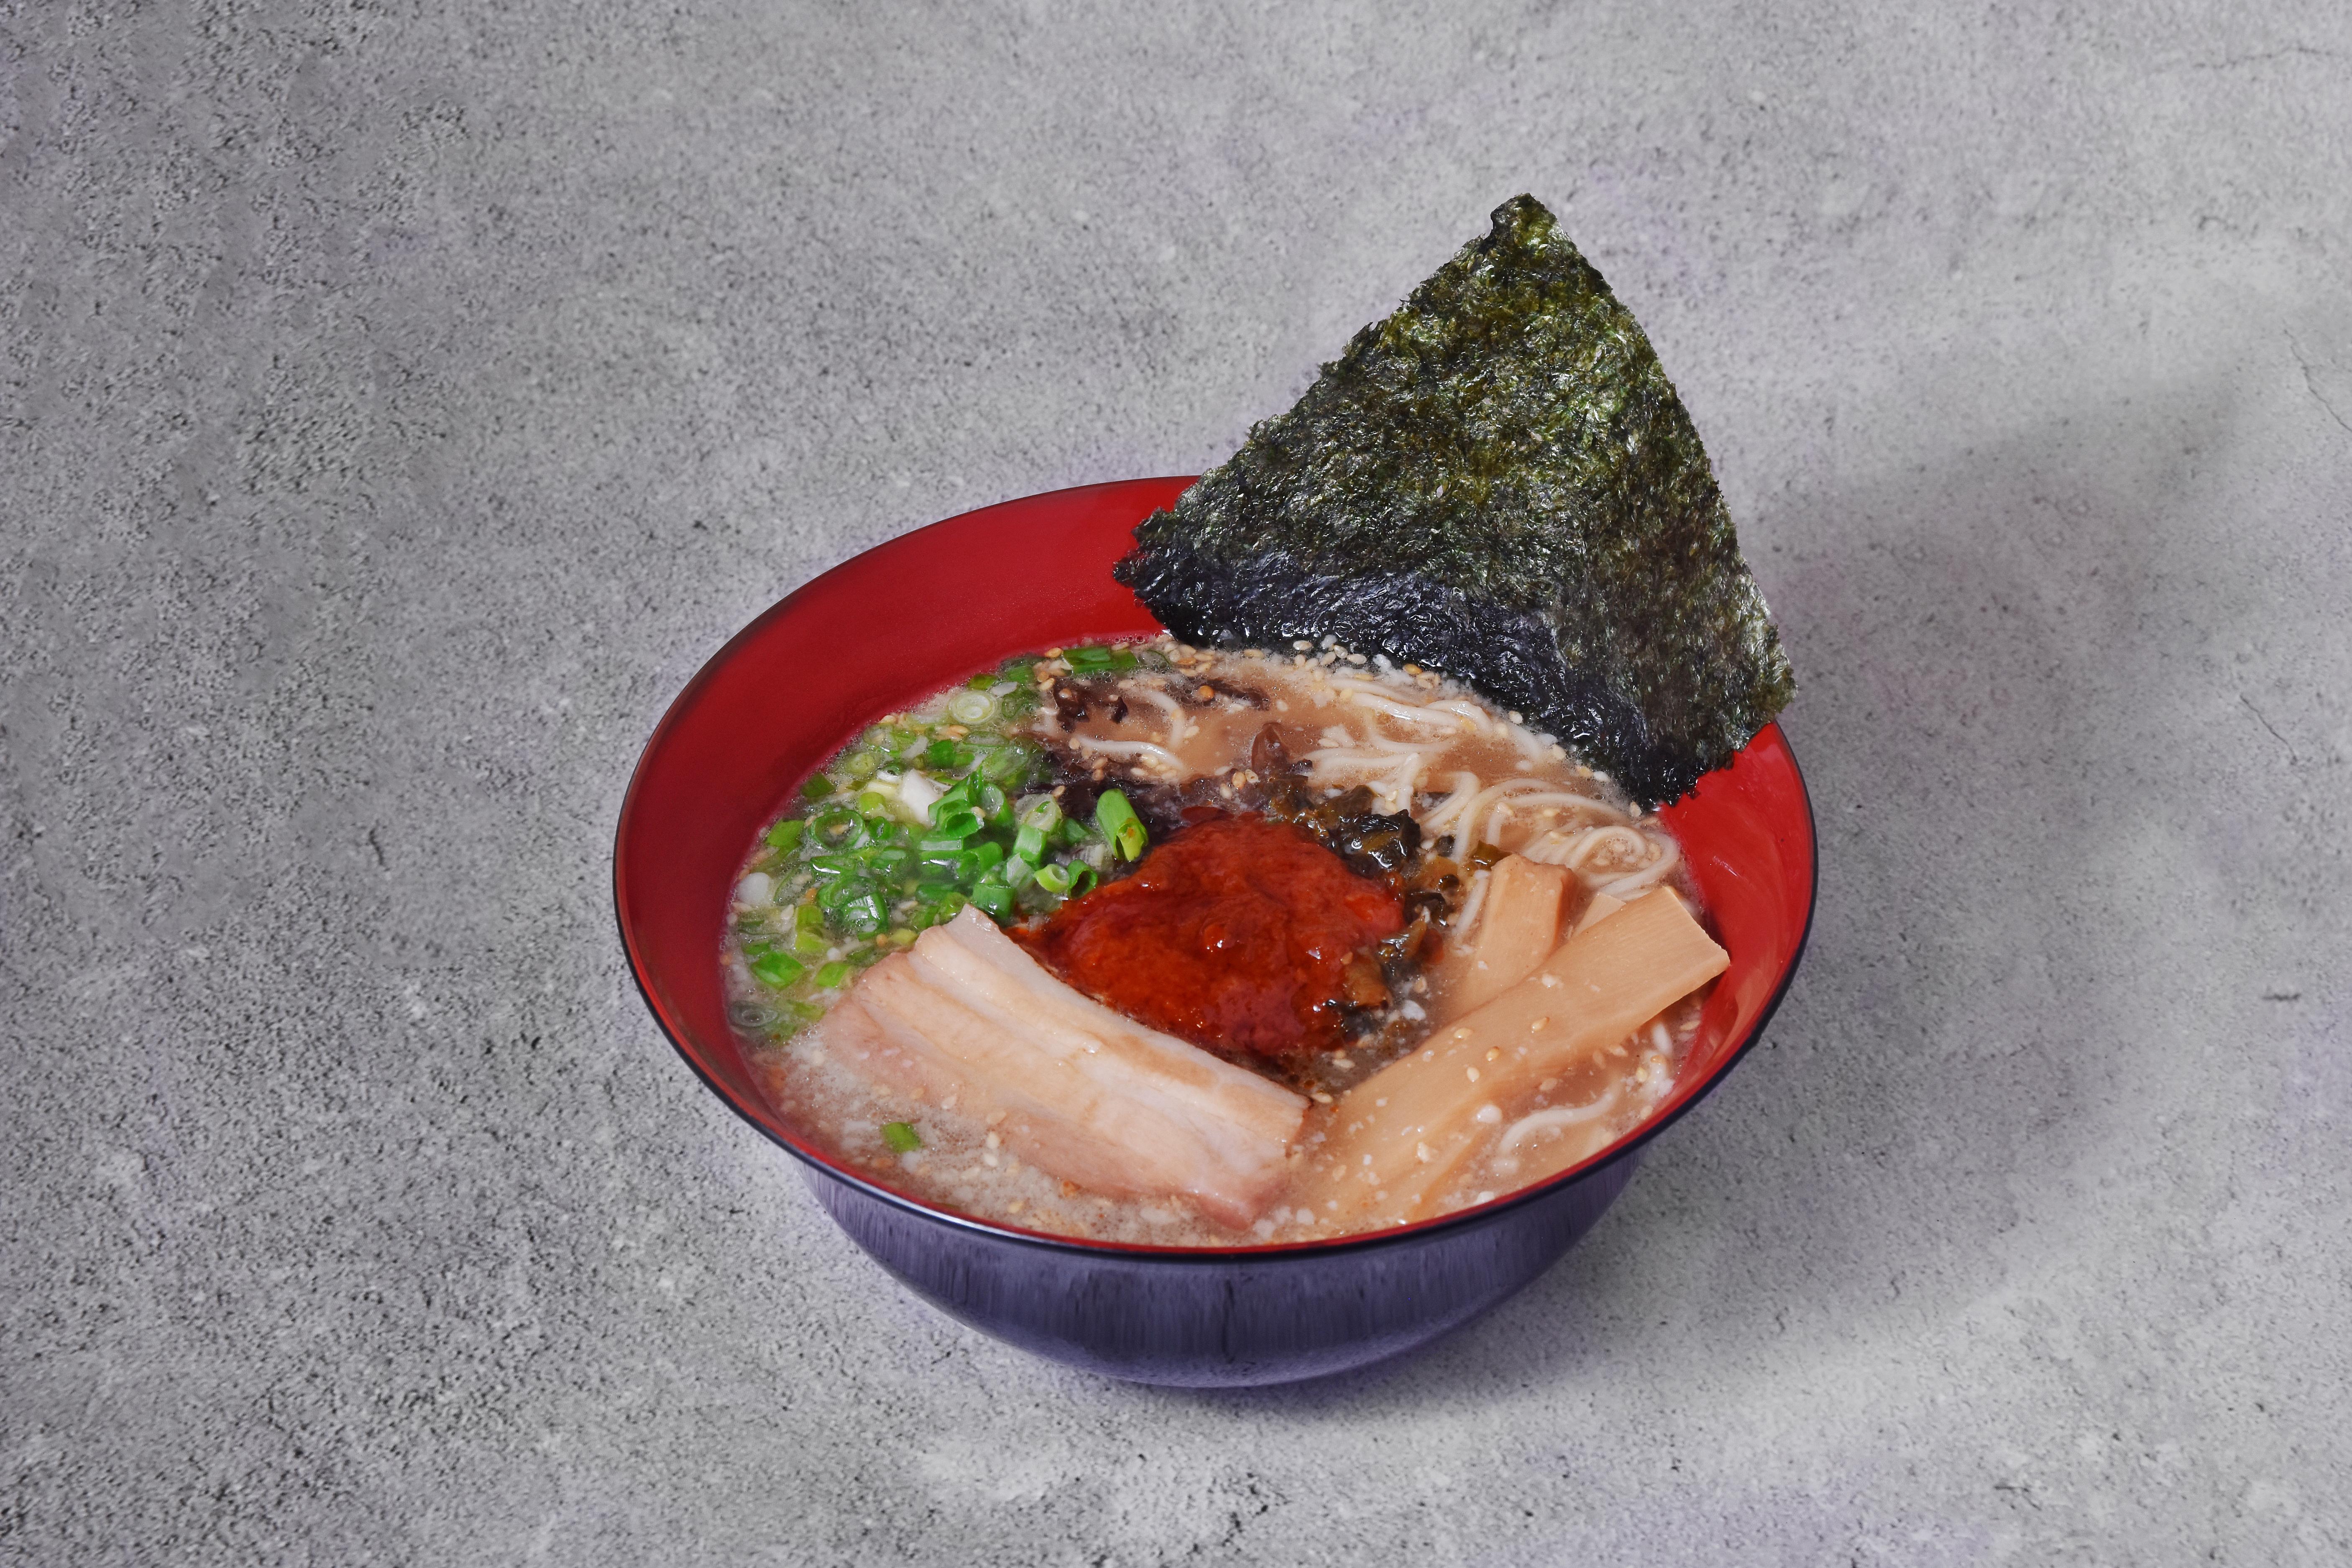 Red Spicy Tonkotsu Ramen